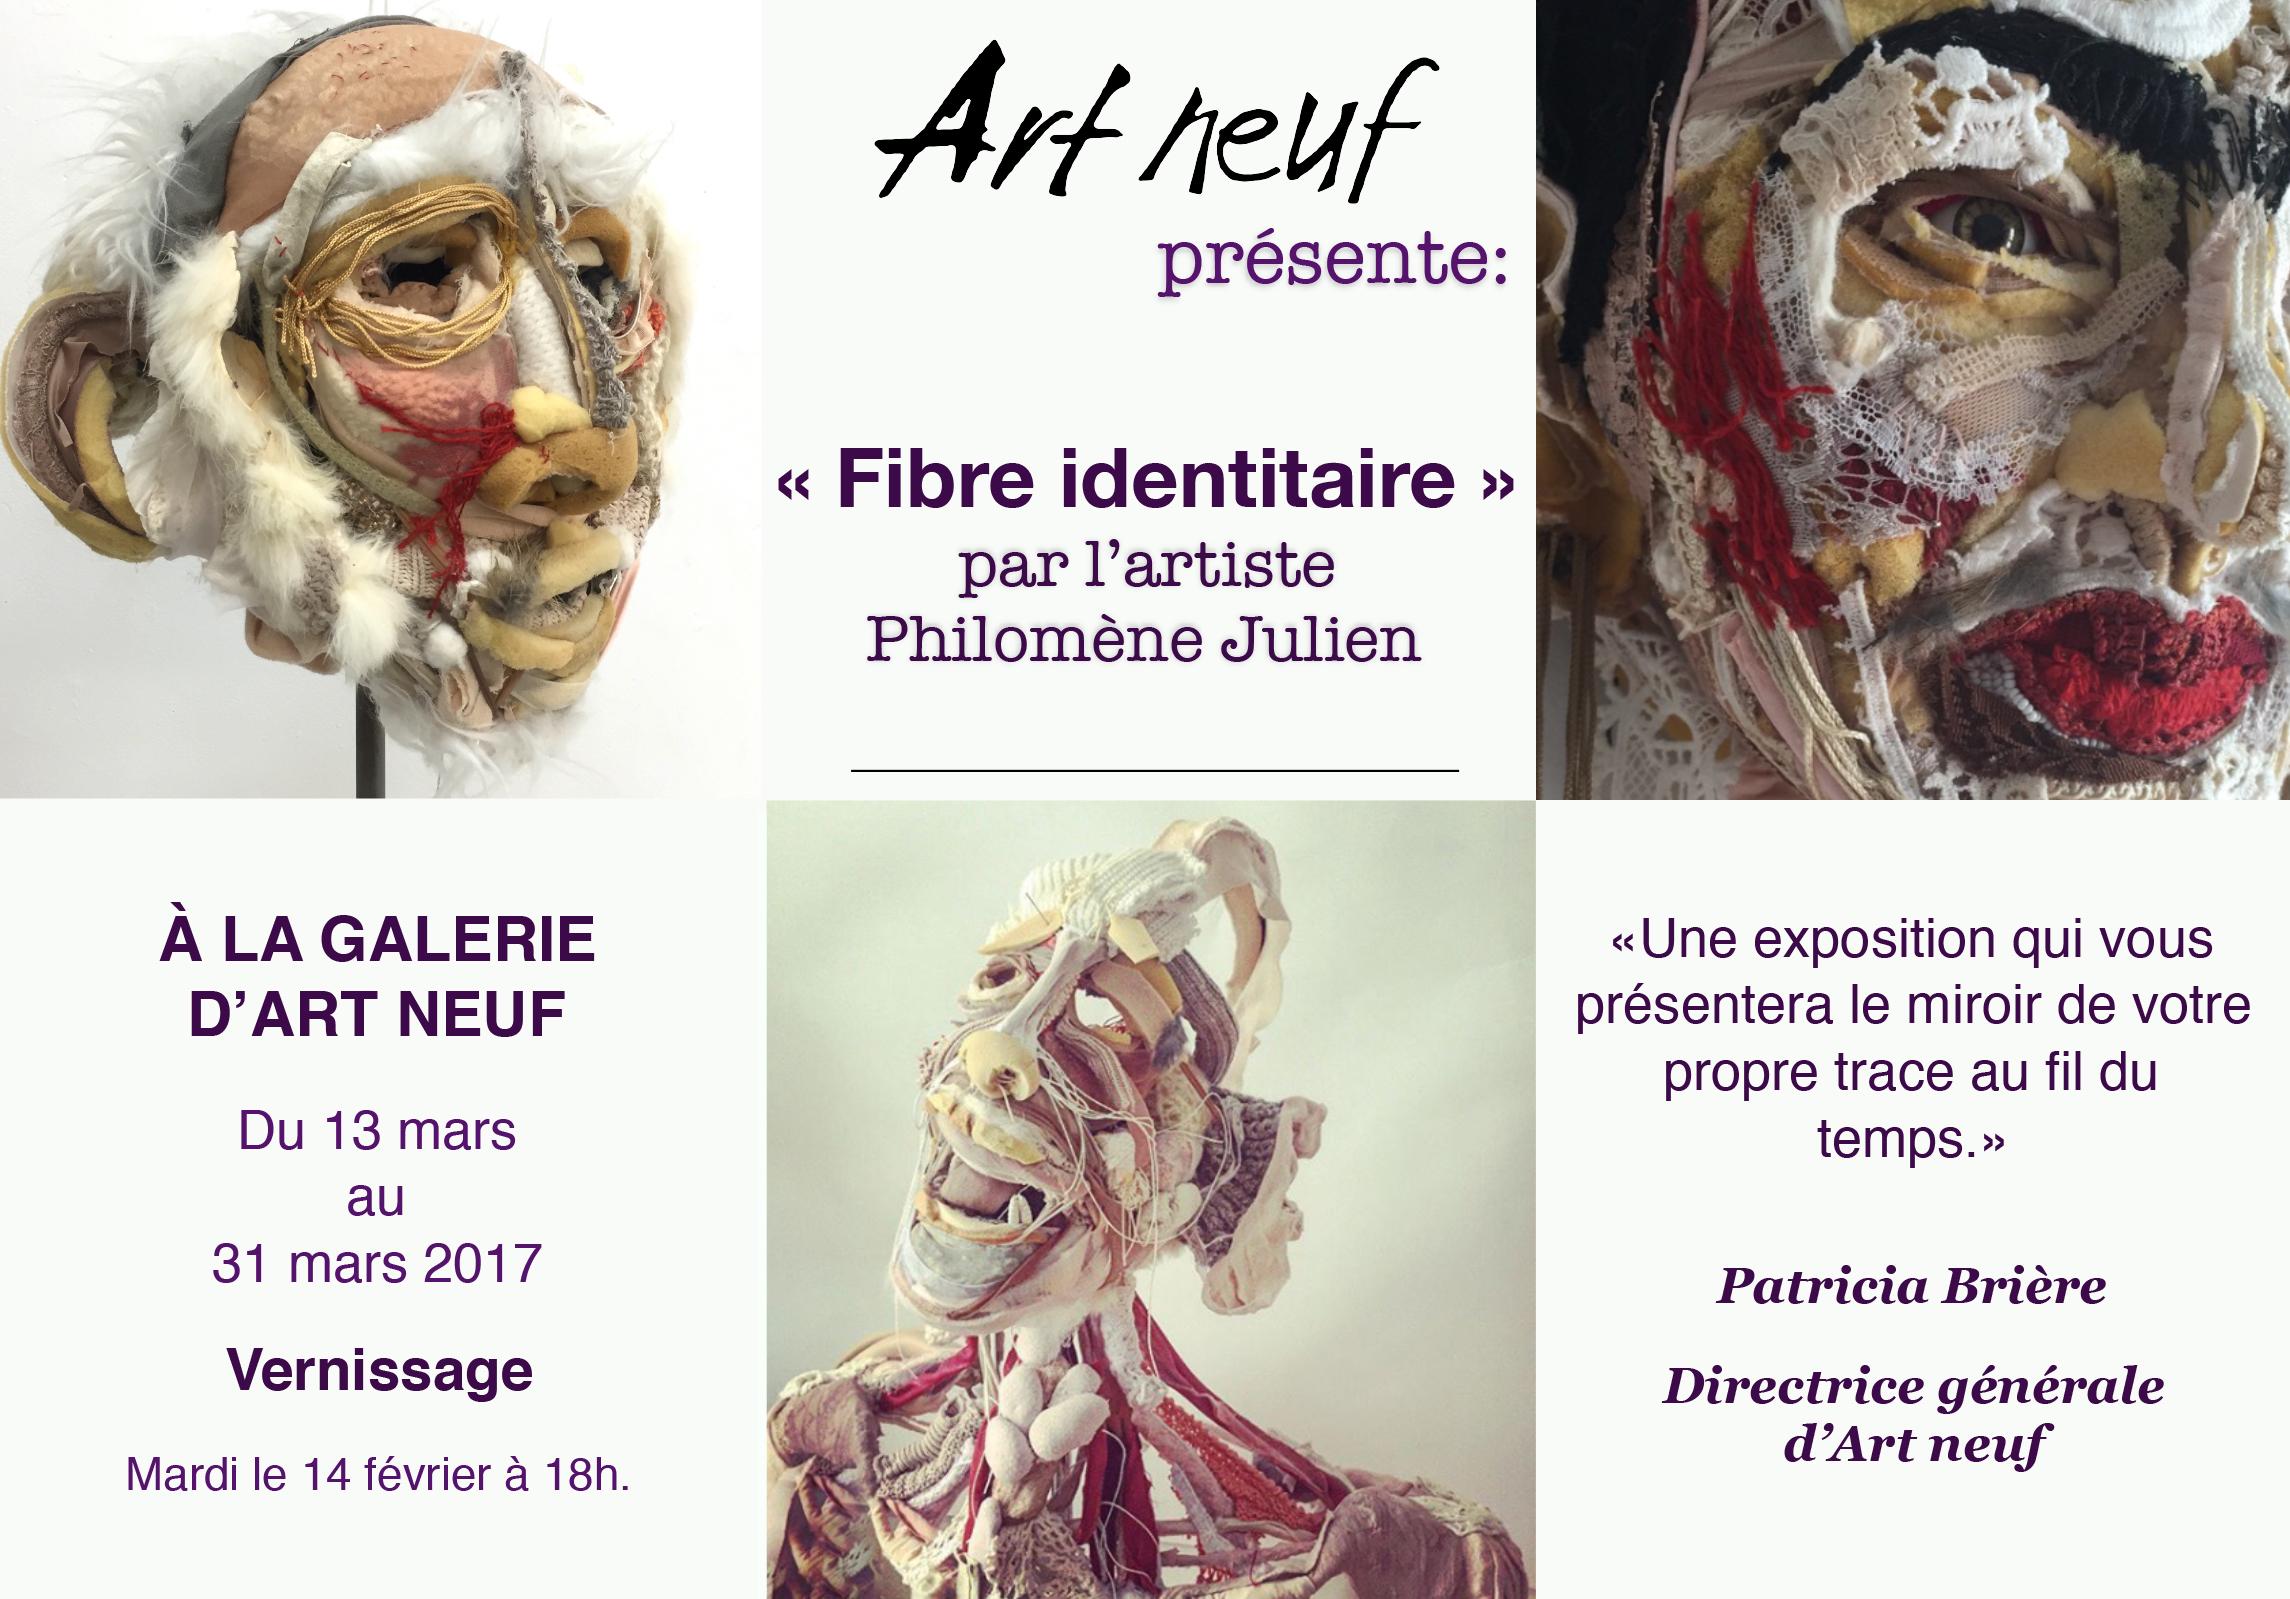 Art neuf, Communiqué Presse, Exposition par Philomène Julien